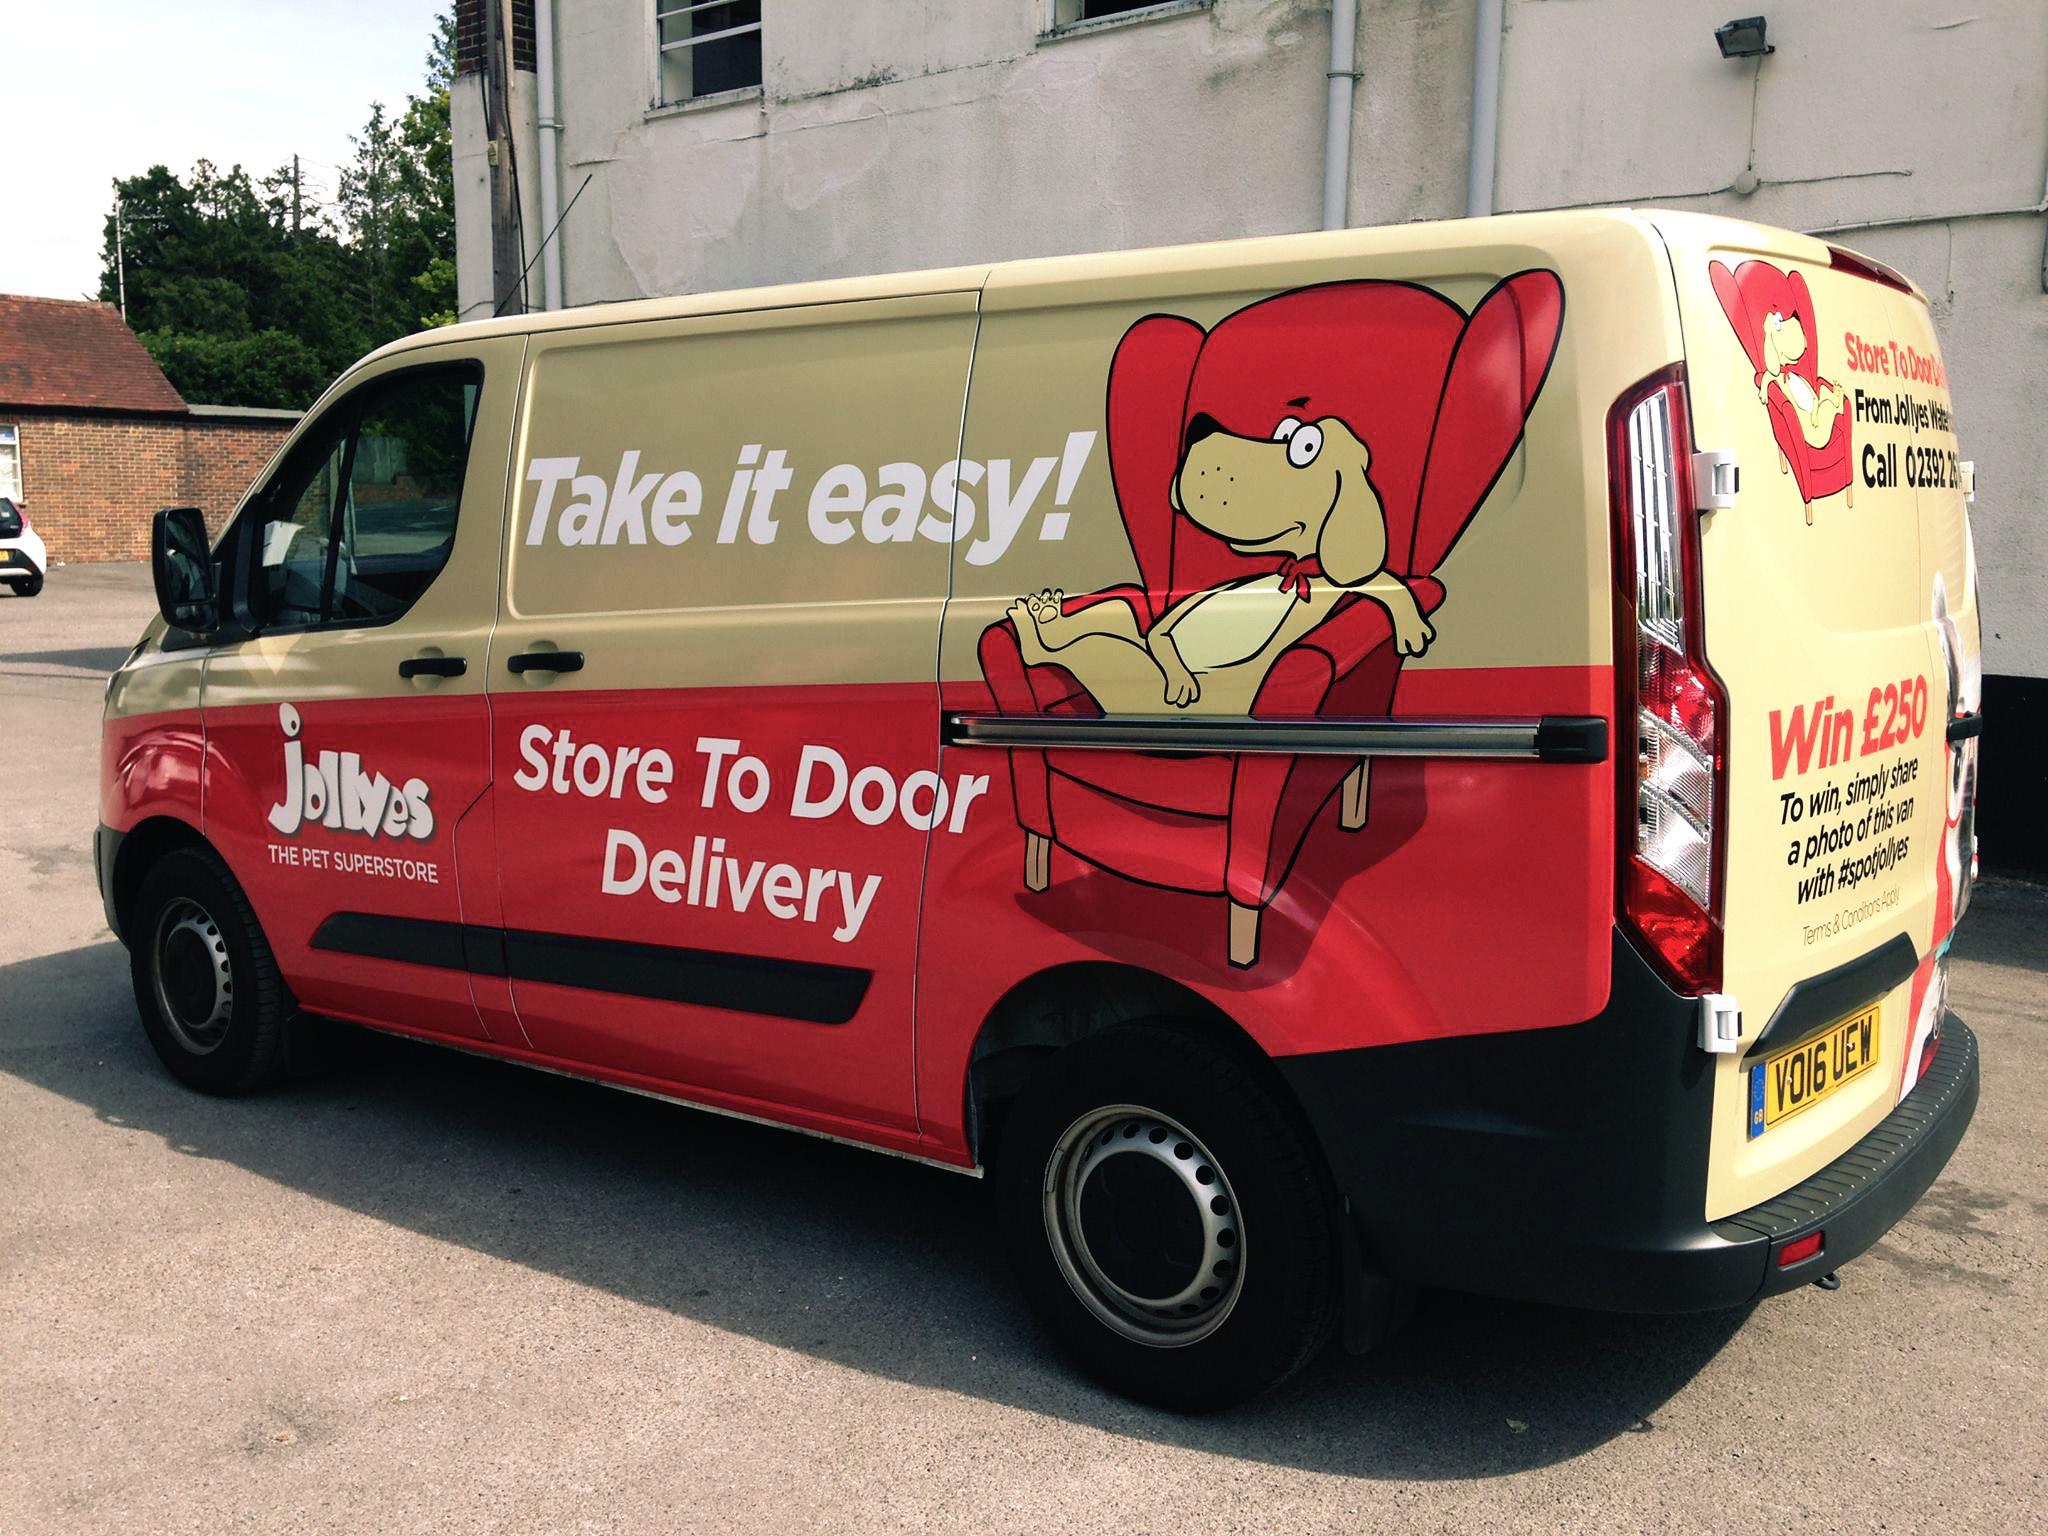 Jolley's Van Wrap